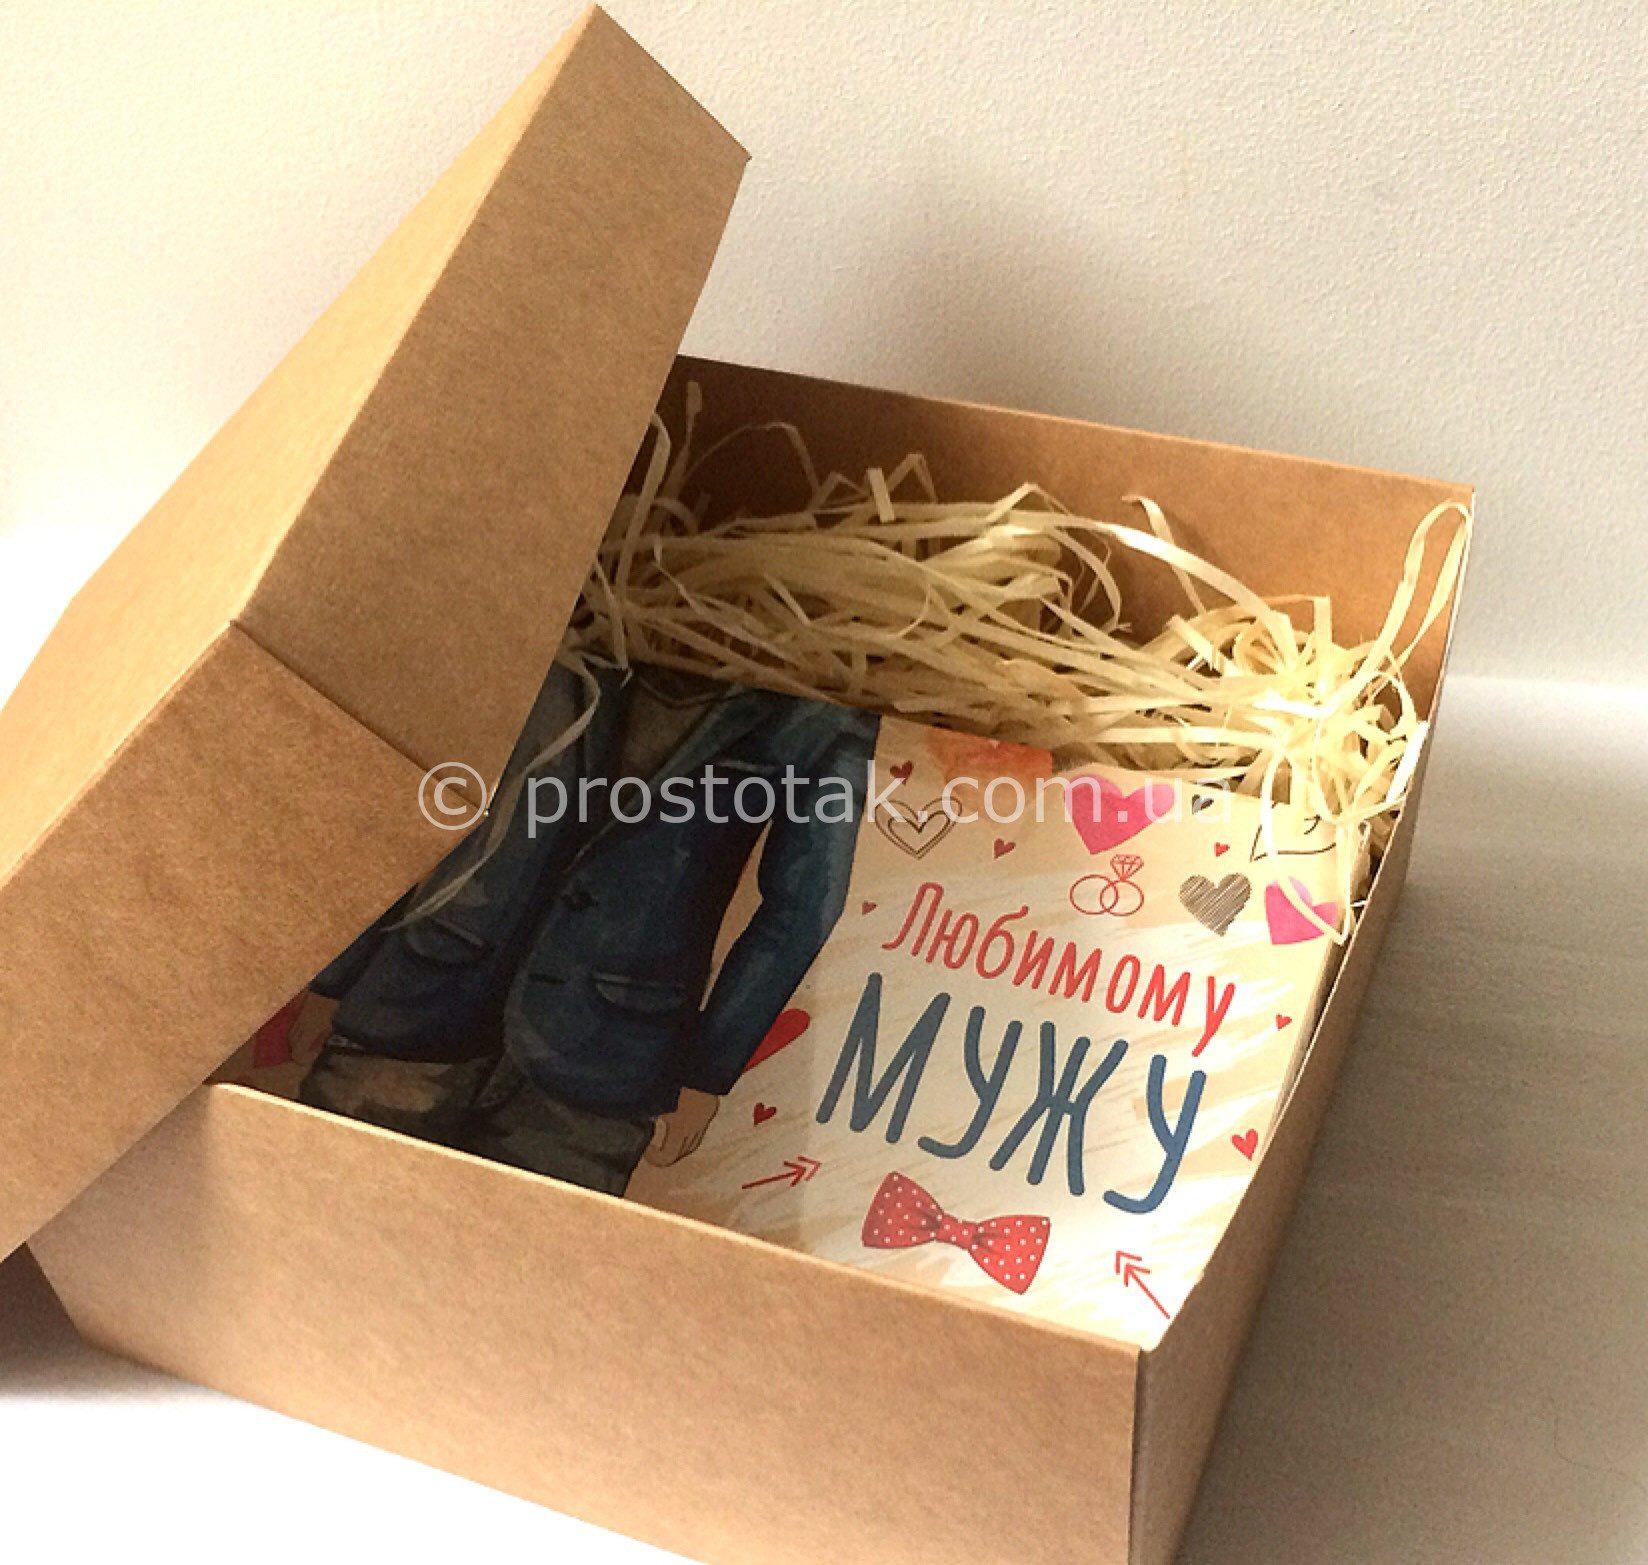 Как оформить подарок коробка в коробке 736